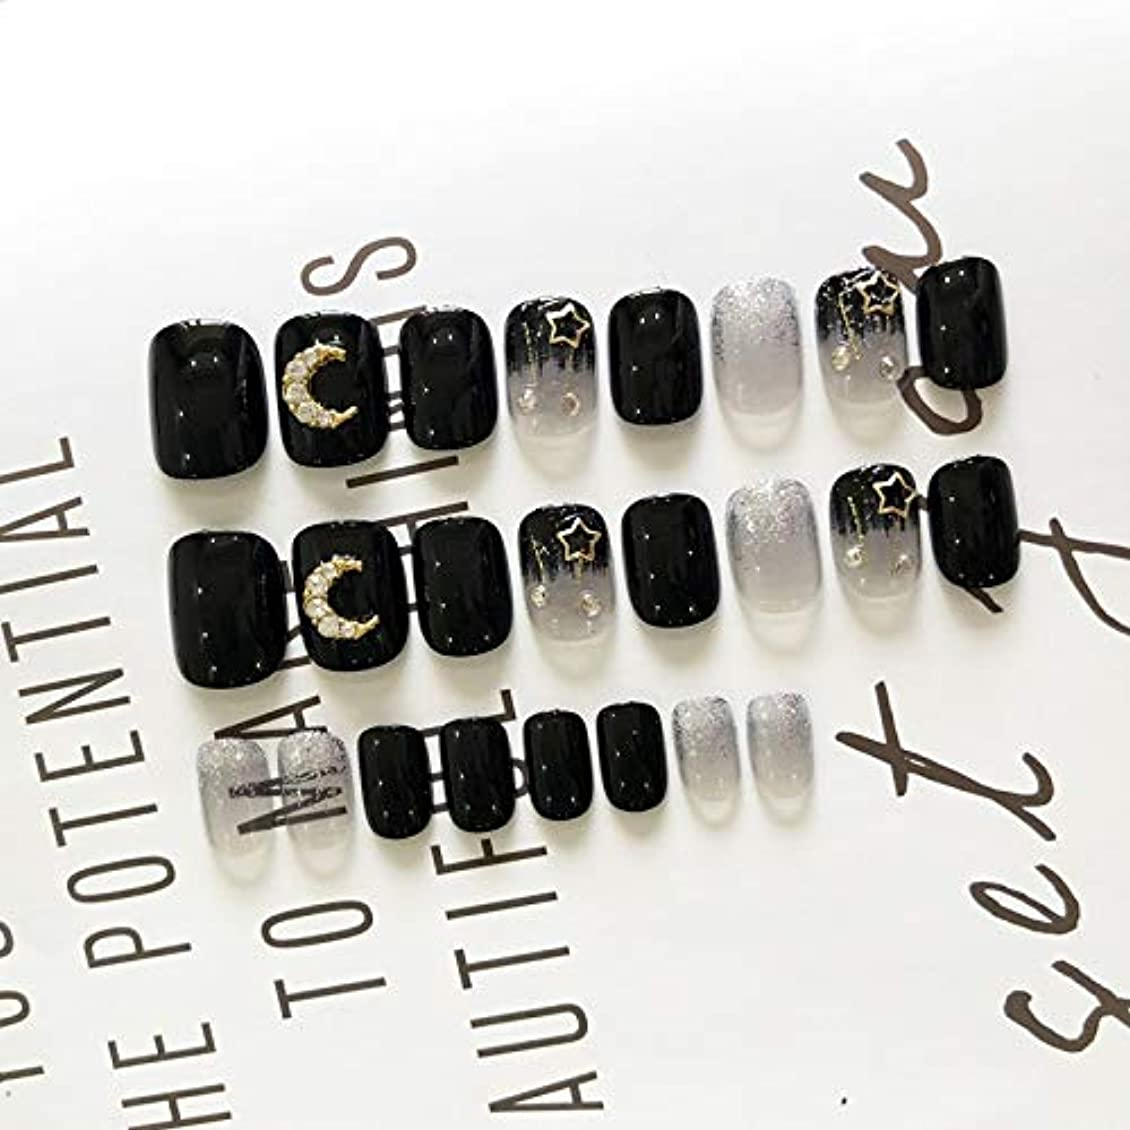 XUANHU HOME ブラックグラデーションスタームーンダイヤモンド付き偽爪キット24pcs偽爪プレミアムパックフルカバーグルー